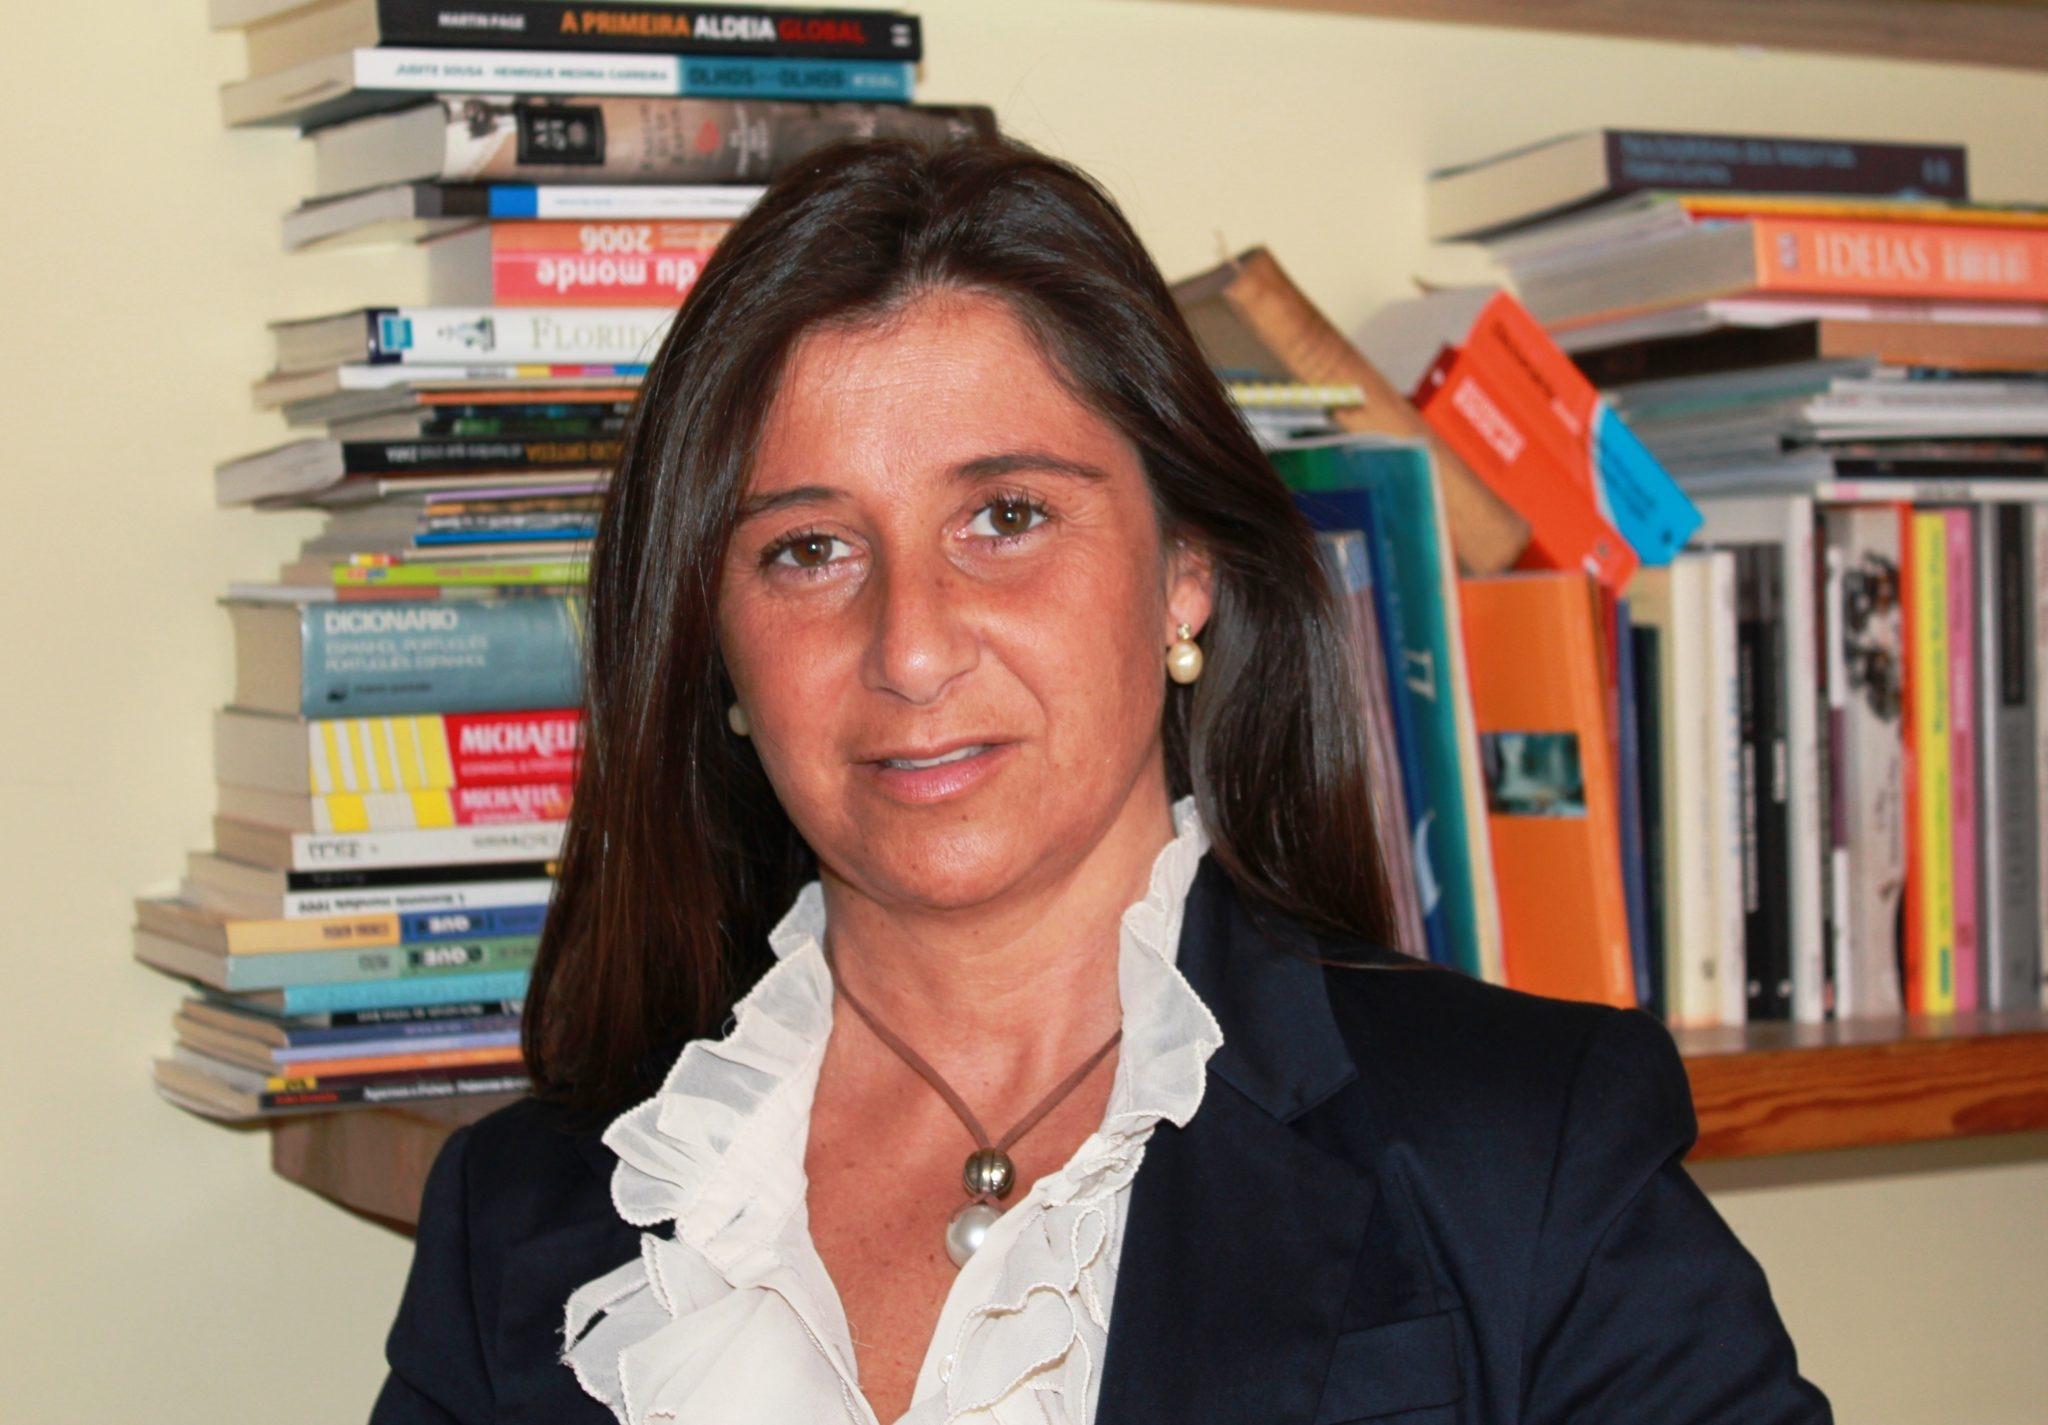 Marta Mimoso